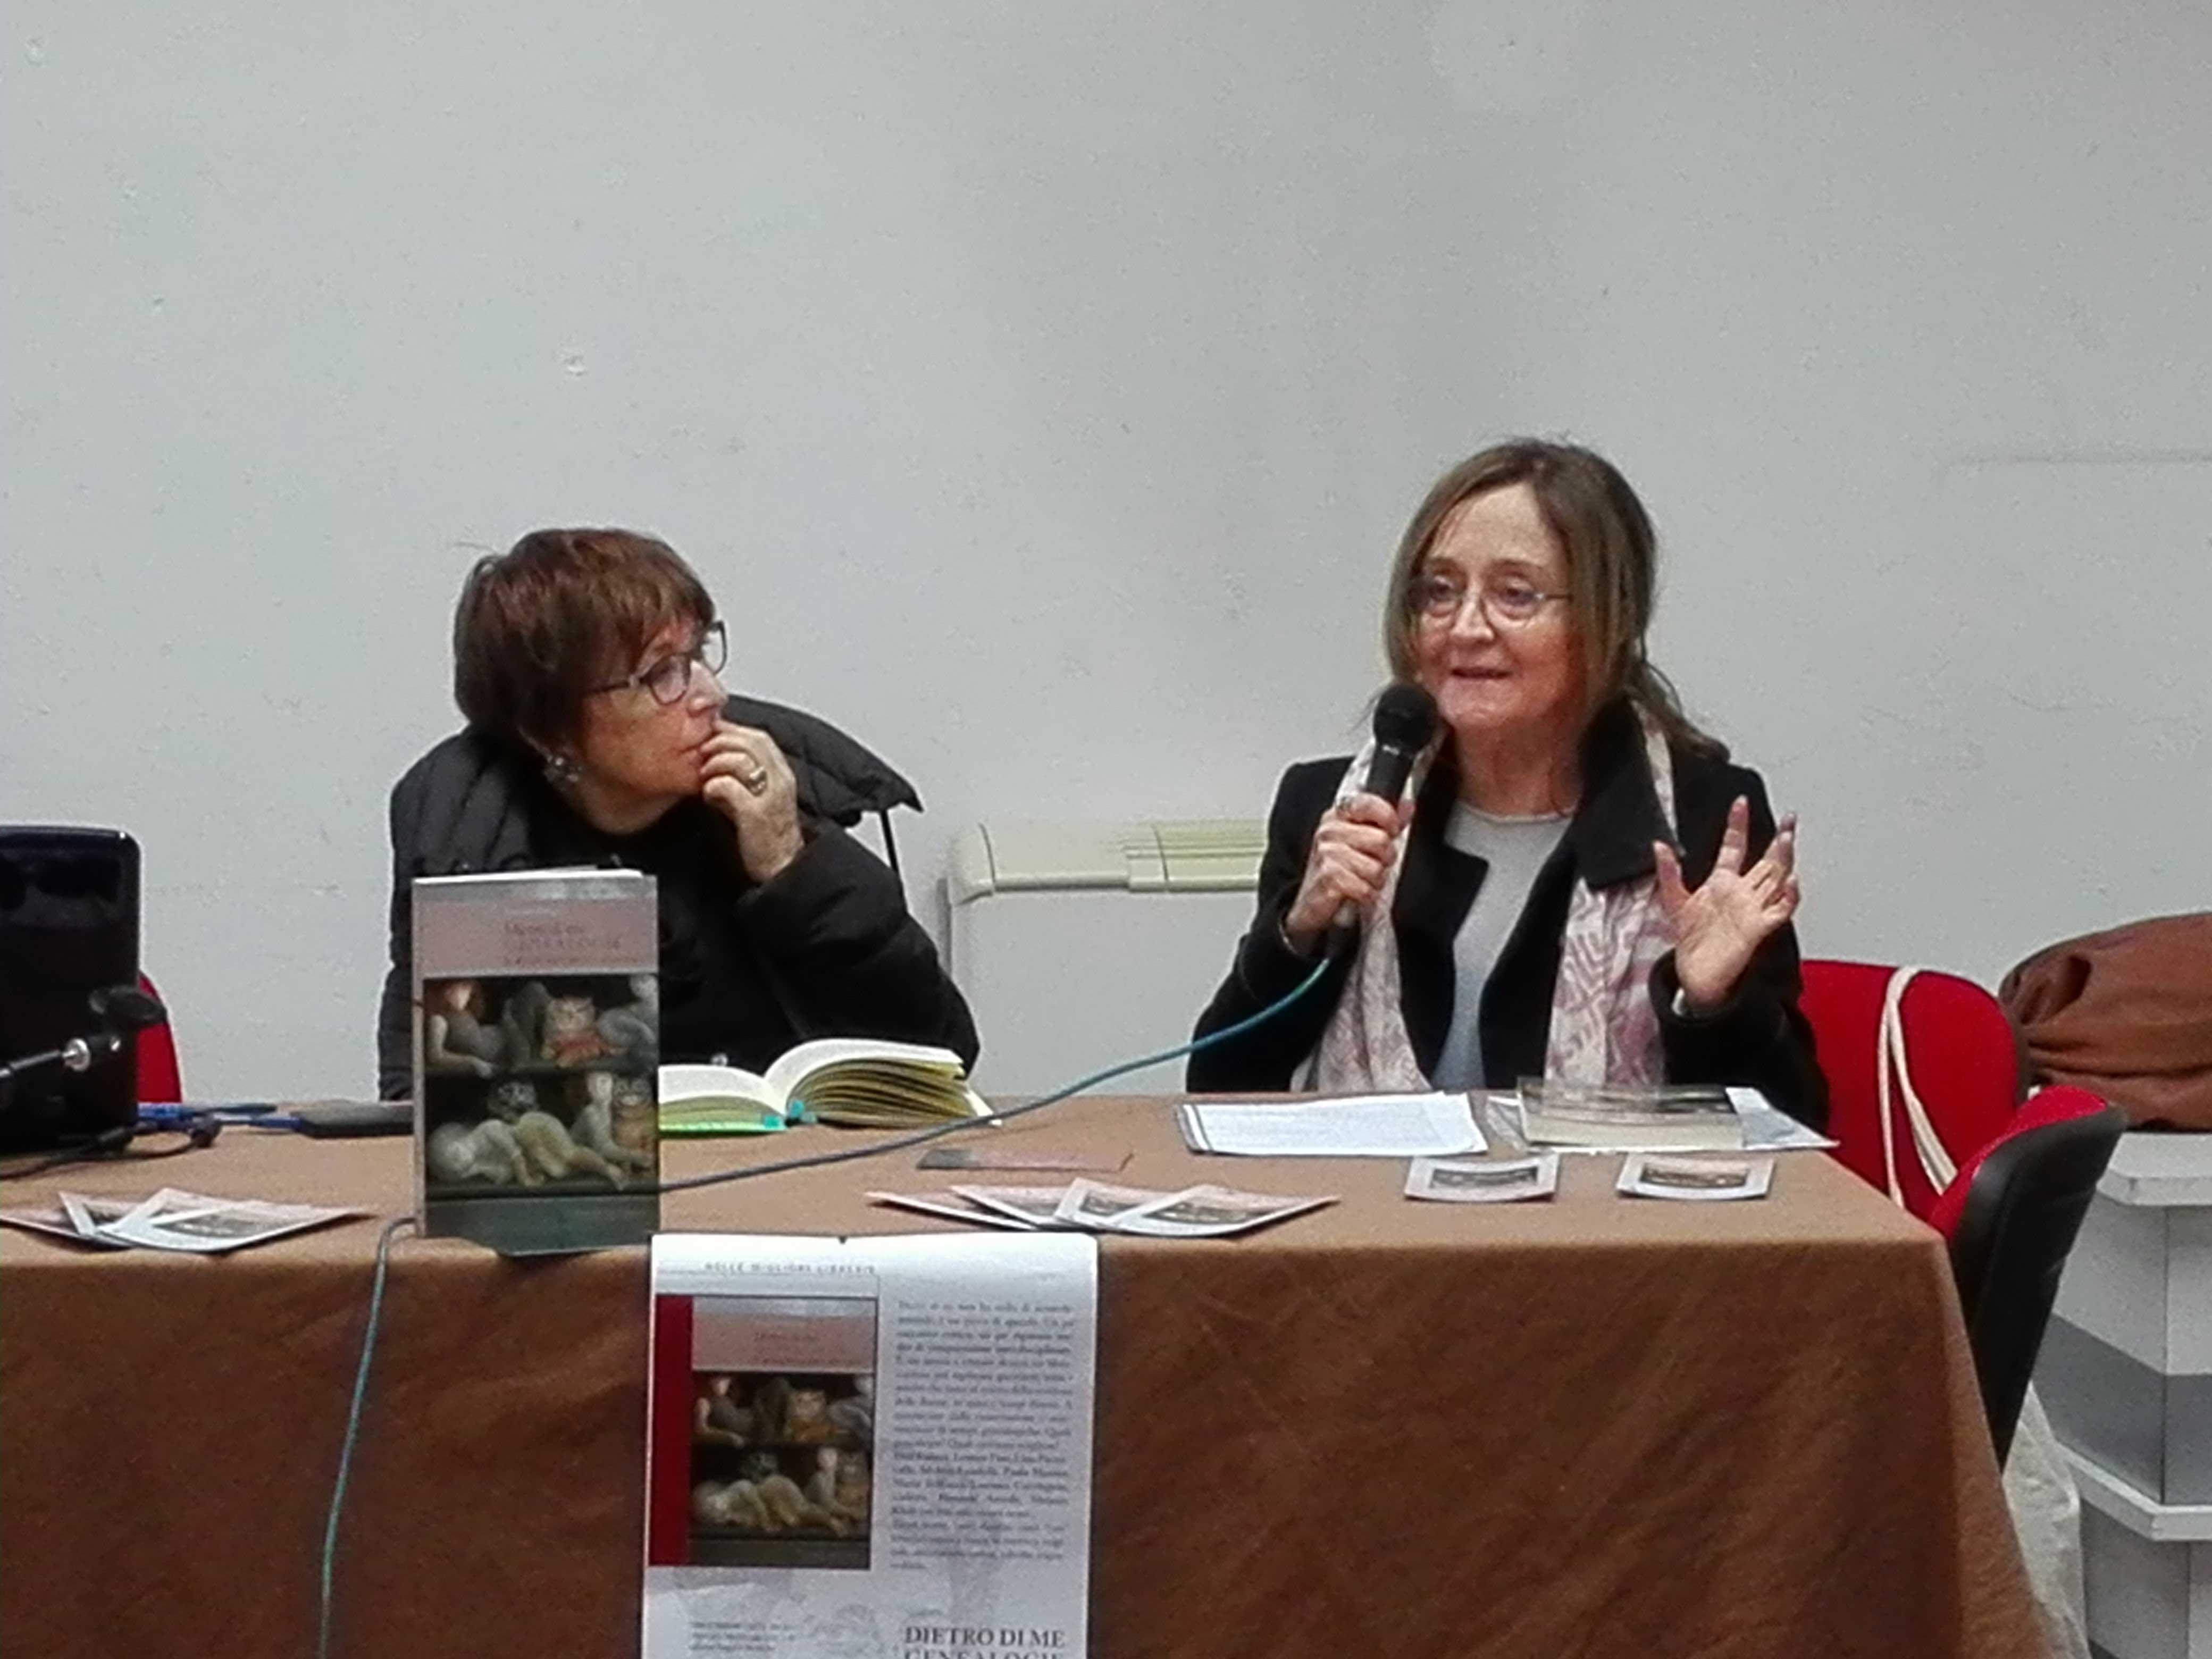 Lucilla Serchi e Ernestina Pellegrini dialogano su Dietro di Me. (Florence Art edizioni)